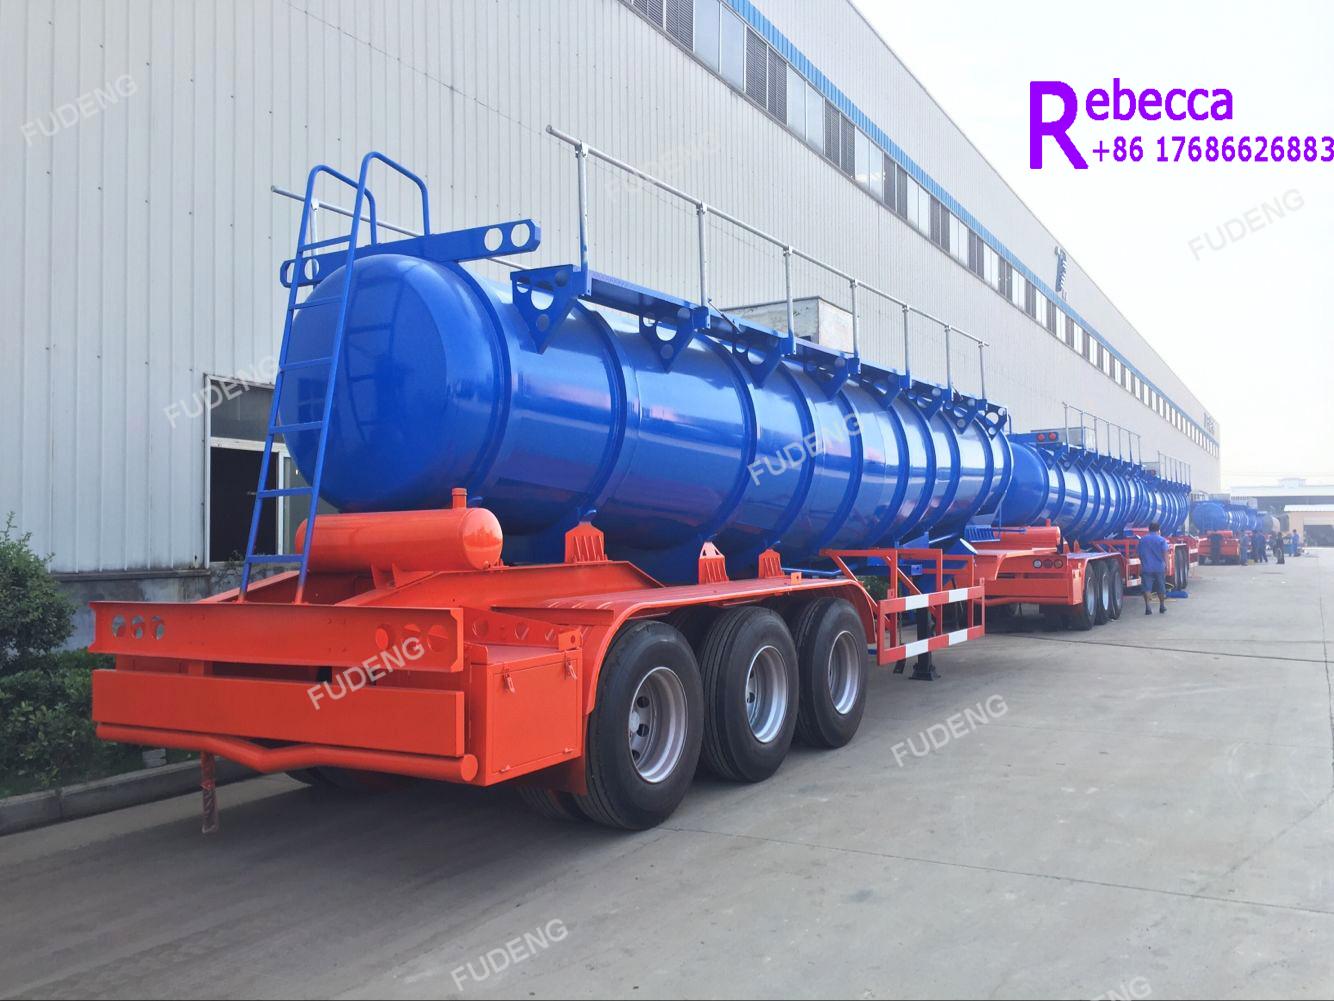 Used transport sulfuric acid tanker trailers sulphuric acid chemical liquid tanker trailer